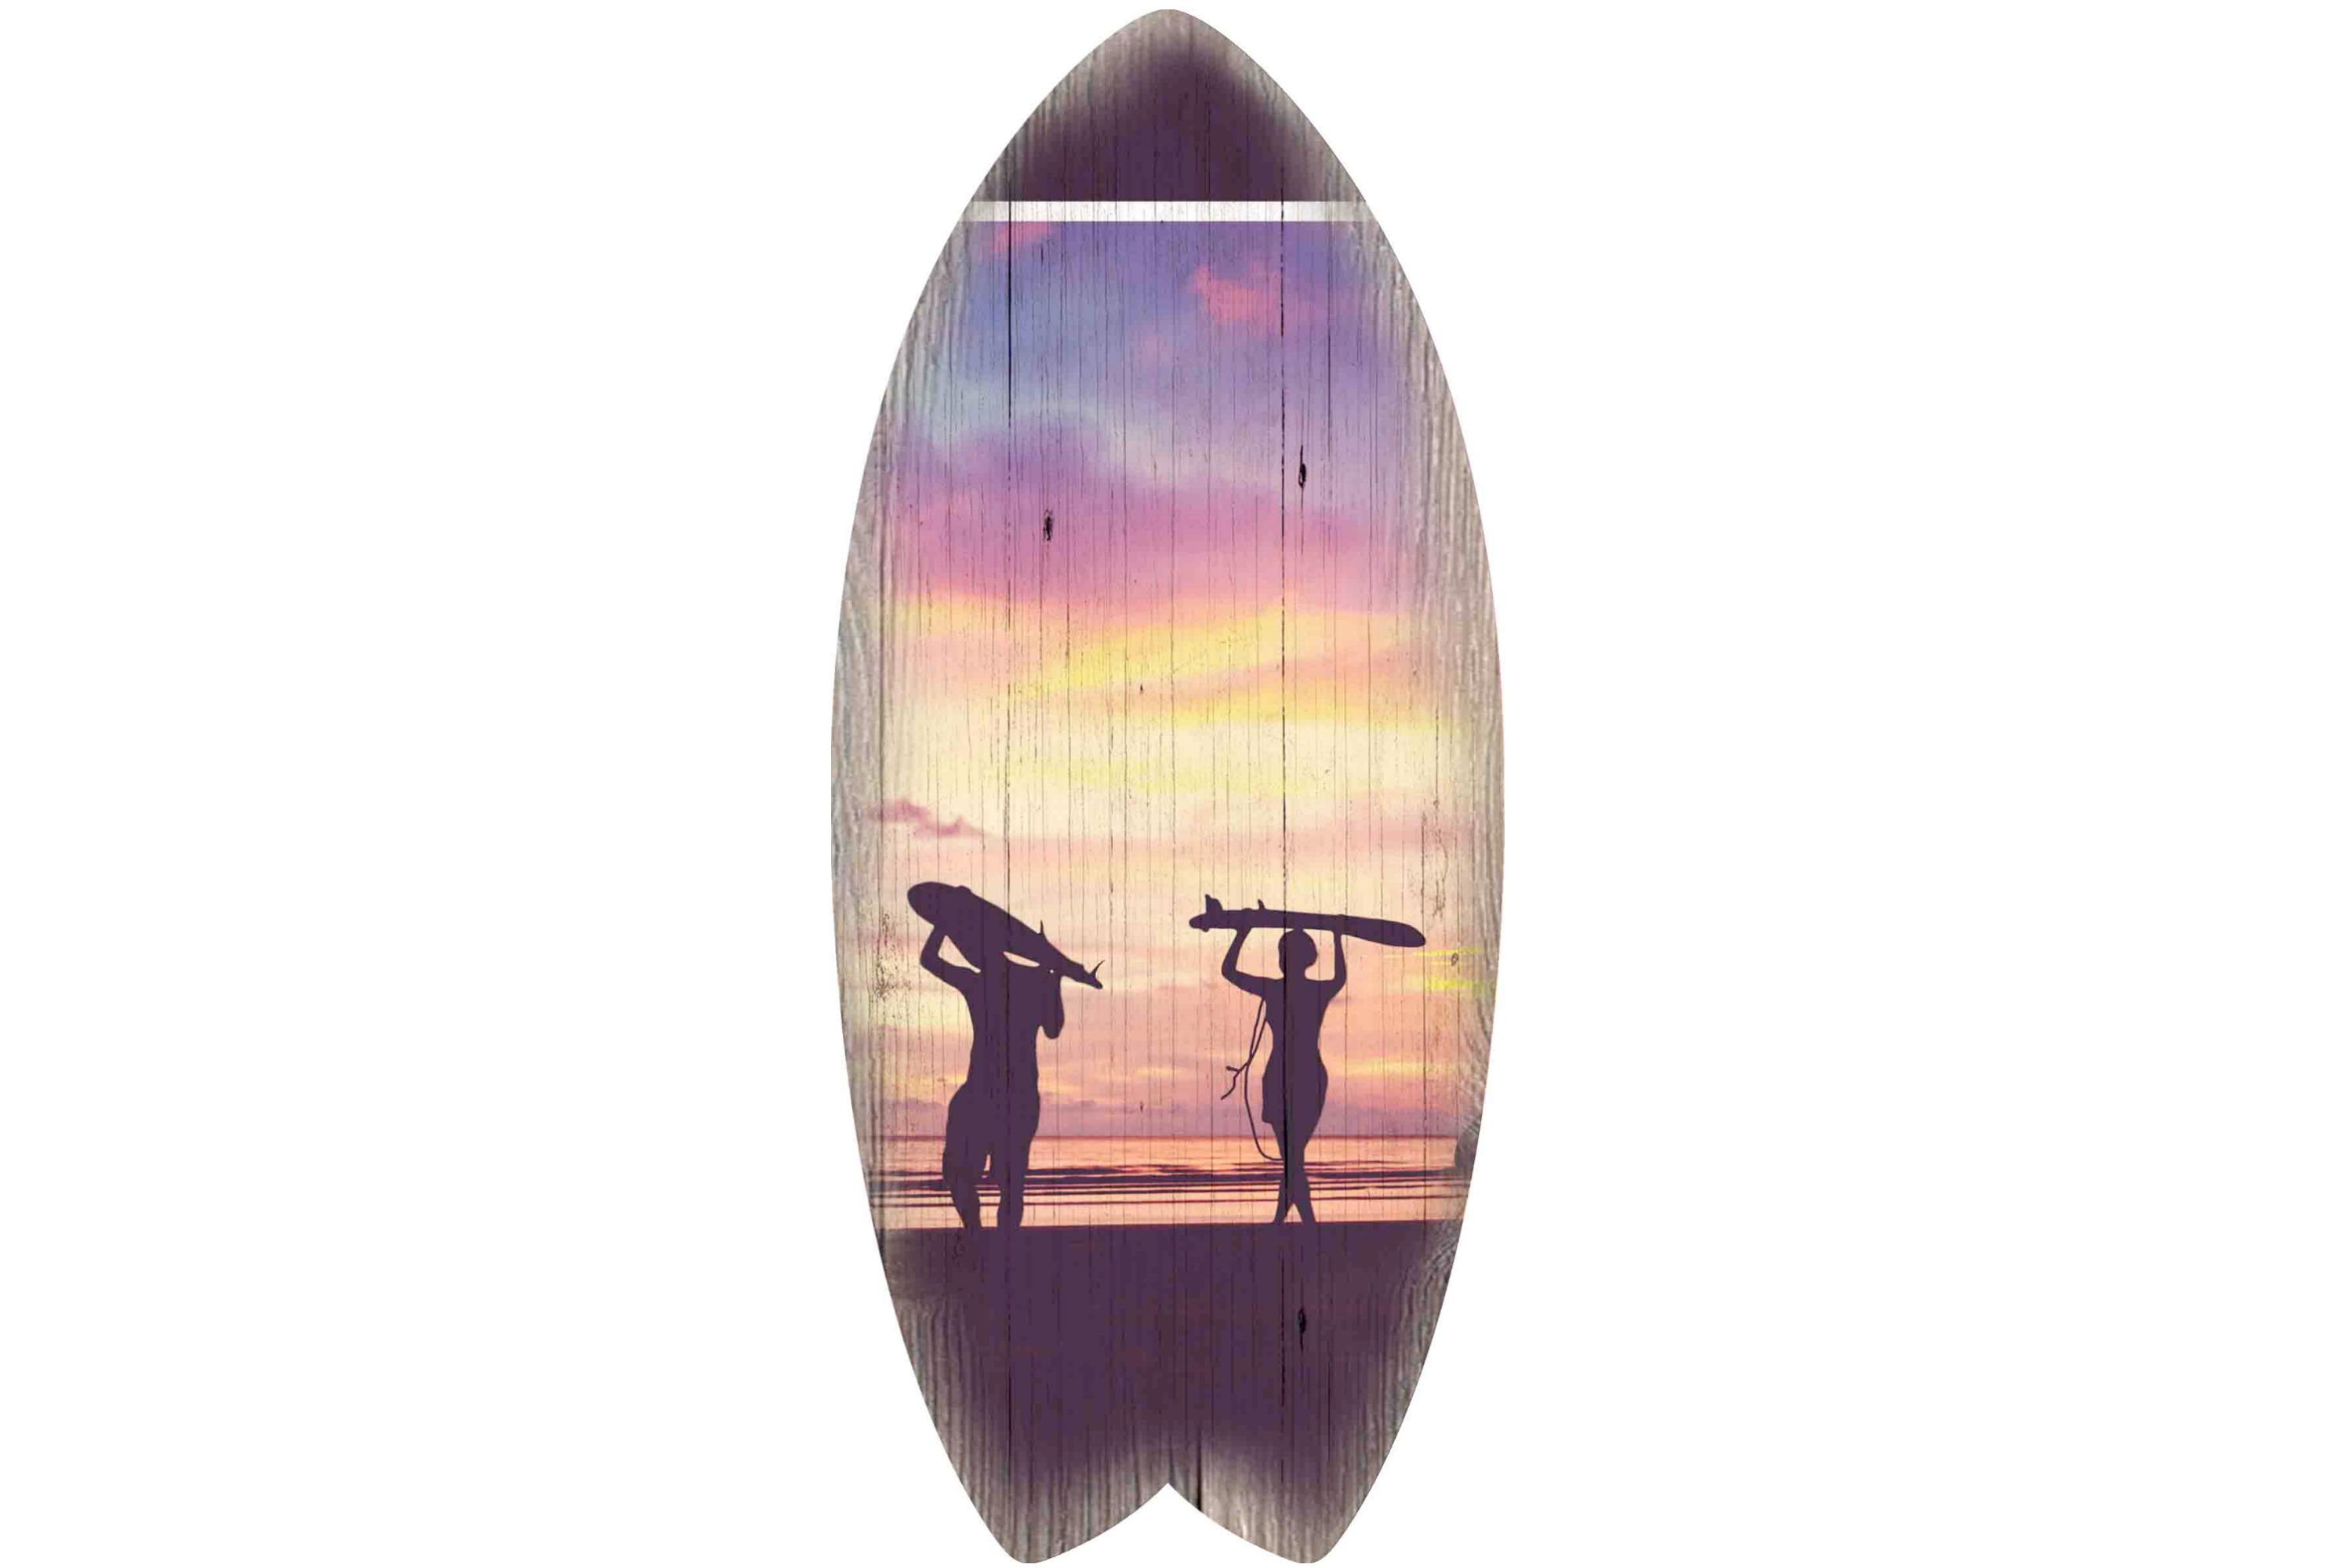 30 x 13cm Wooden Surfboard Sunset Surfers Design